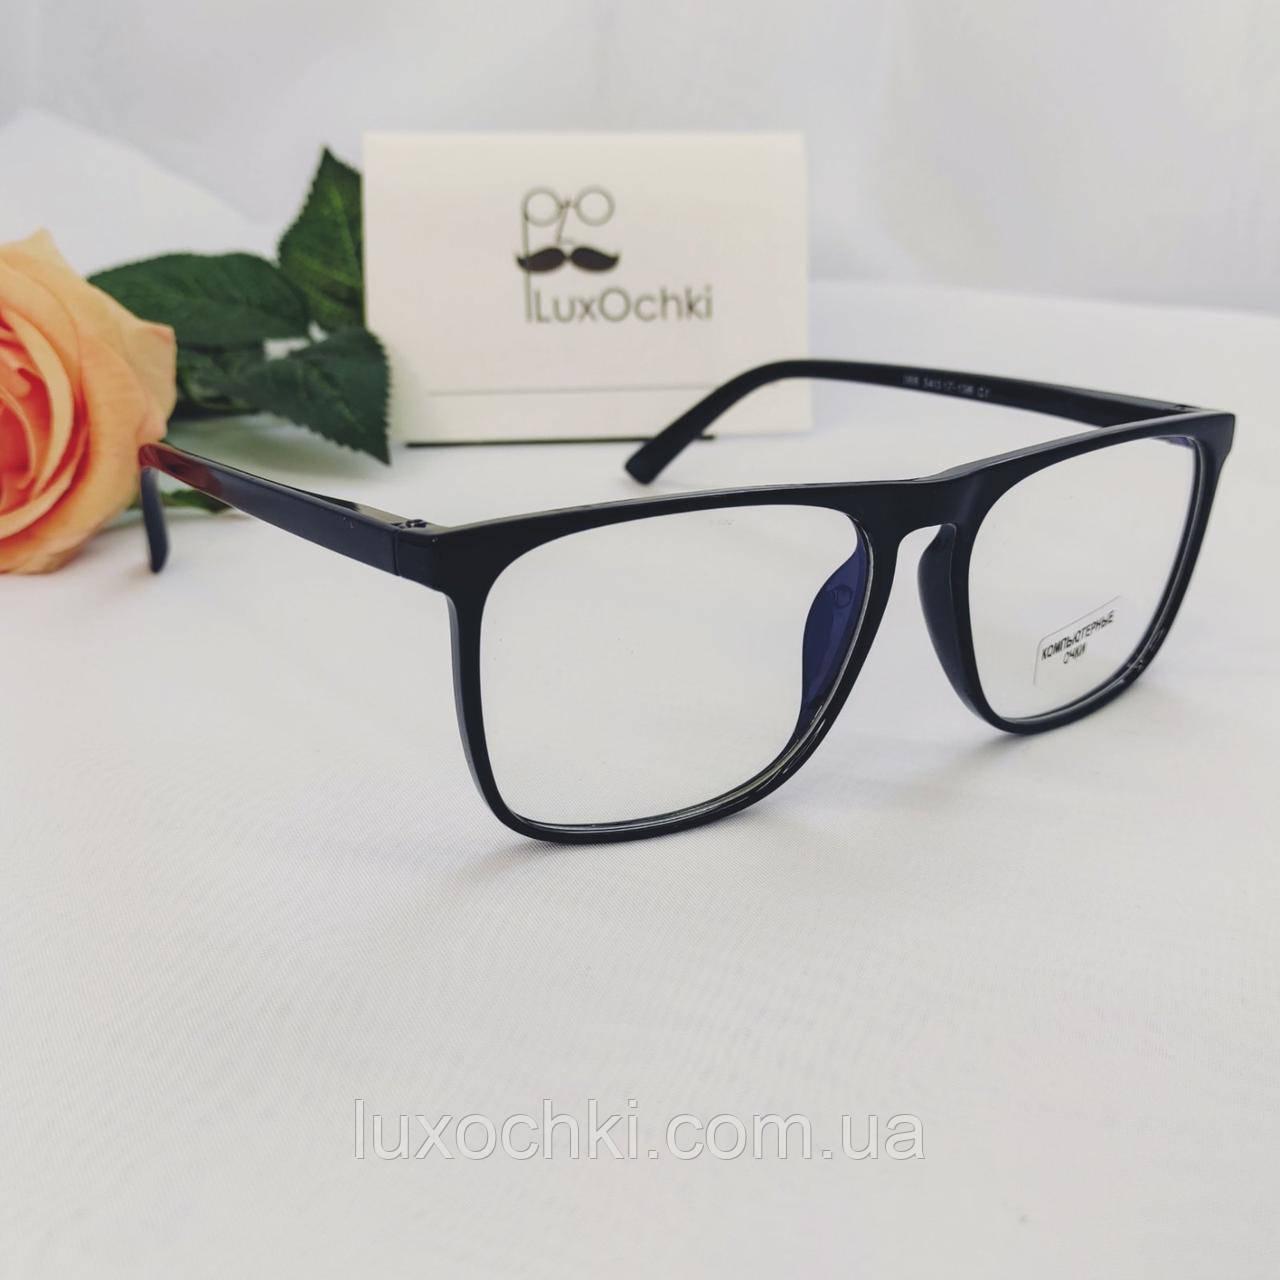 Іміджеві+комп'ютерні окуляри в пластиковій оправі з флексованной( на пружинці) дужкою